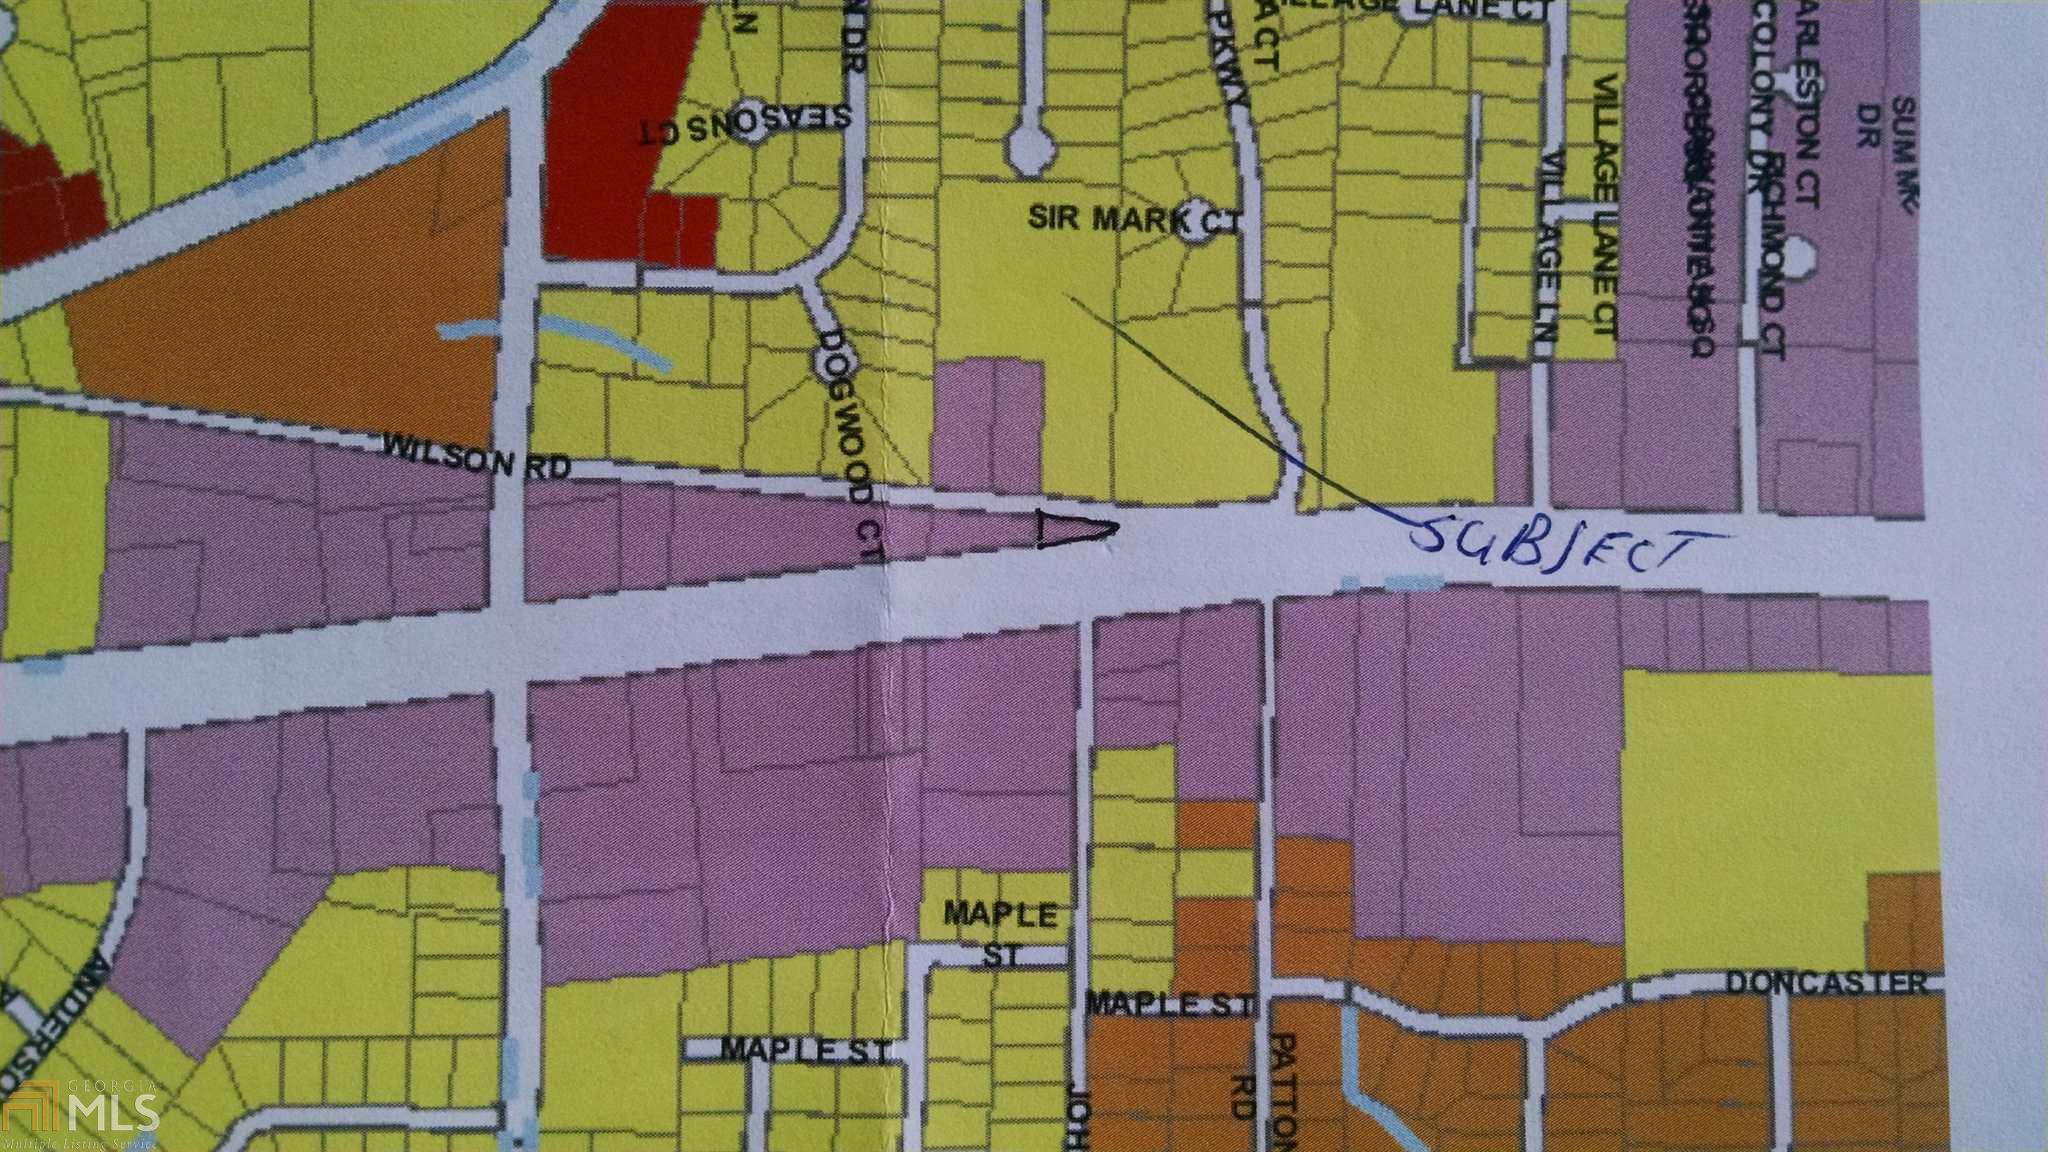 Map Of Jonesboro Georgia.6853 Tara Blvd Track Jonesboro Ga 30236 Lot Land Mls